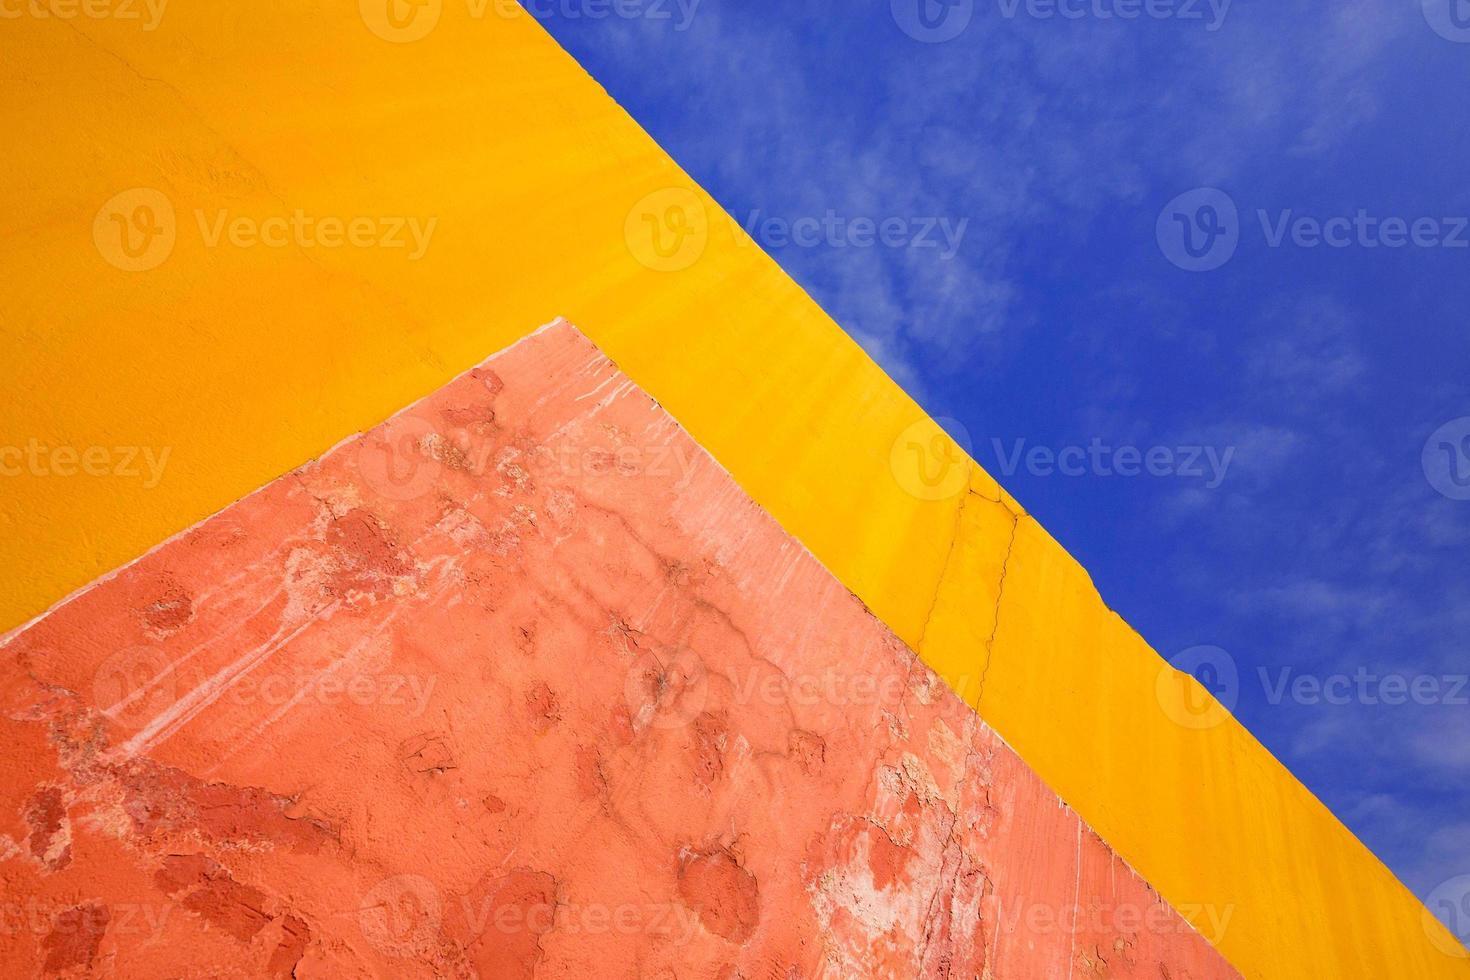 fantasie colorate, pareti in gesso e cielo per lo sfondo. foto